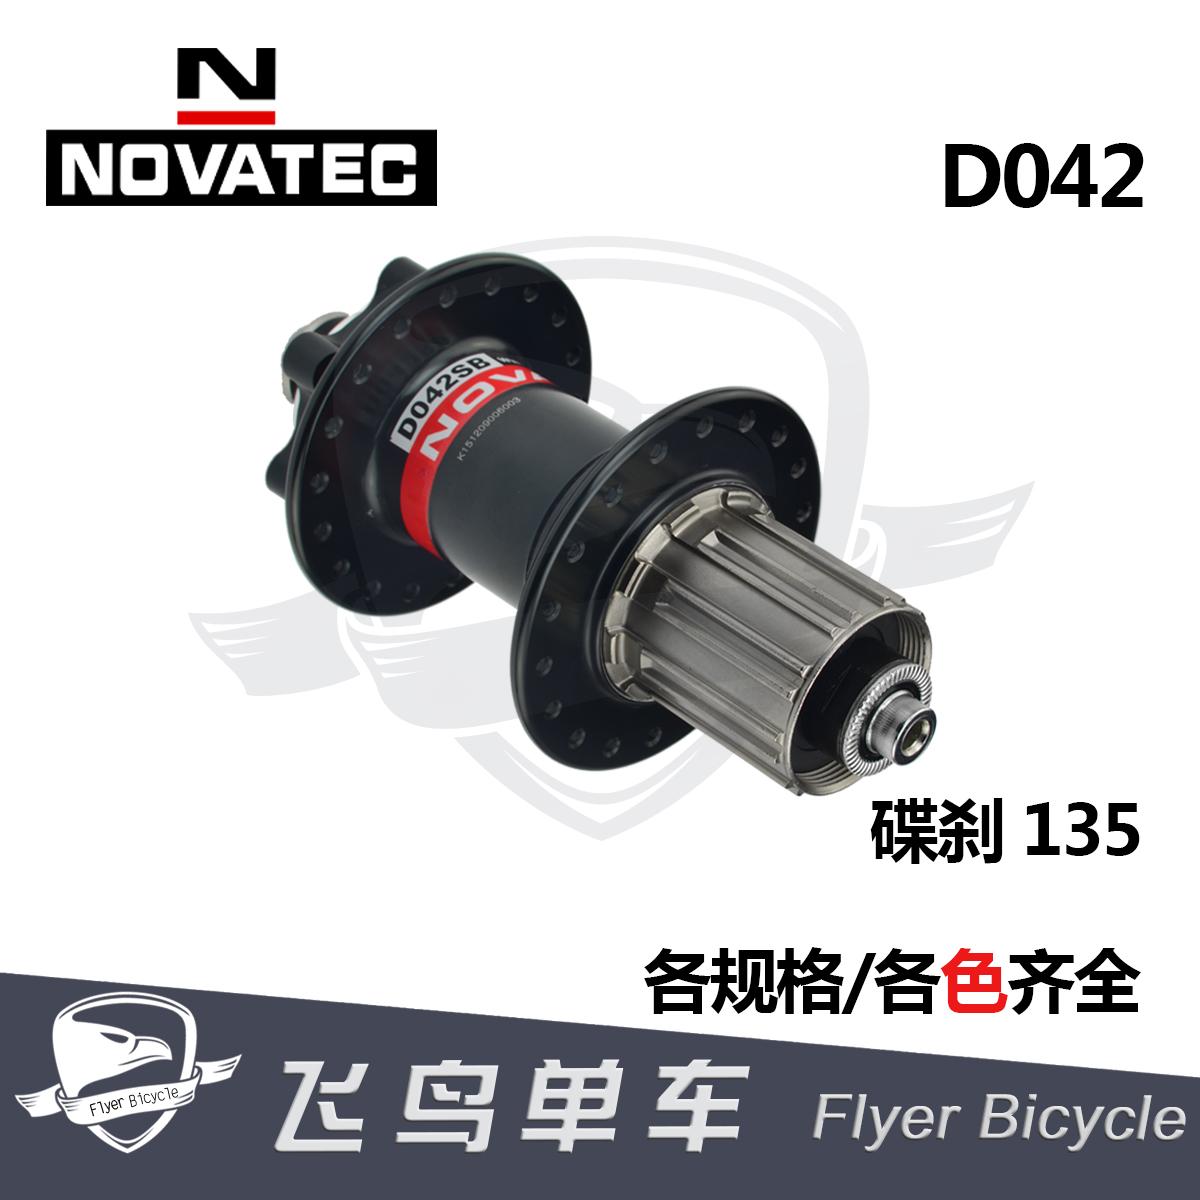 Подлинный Novatec долго обильный D042SB горный велосипед дисковые тормоза подшипник четыре перлин 28/32/36 отверстие после цветения барабан